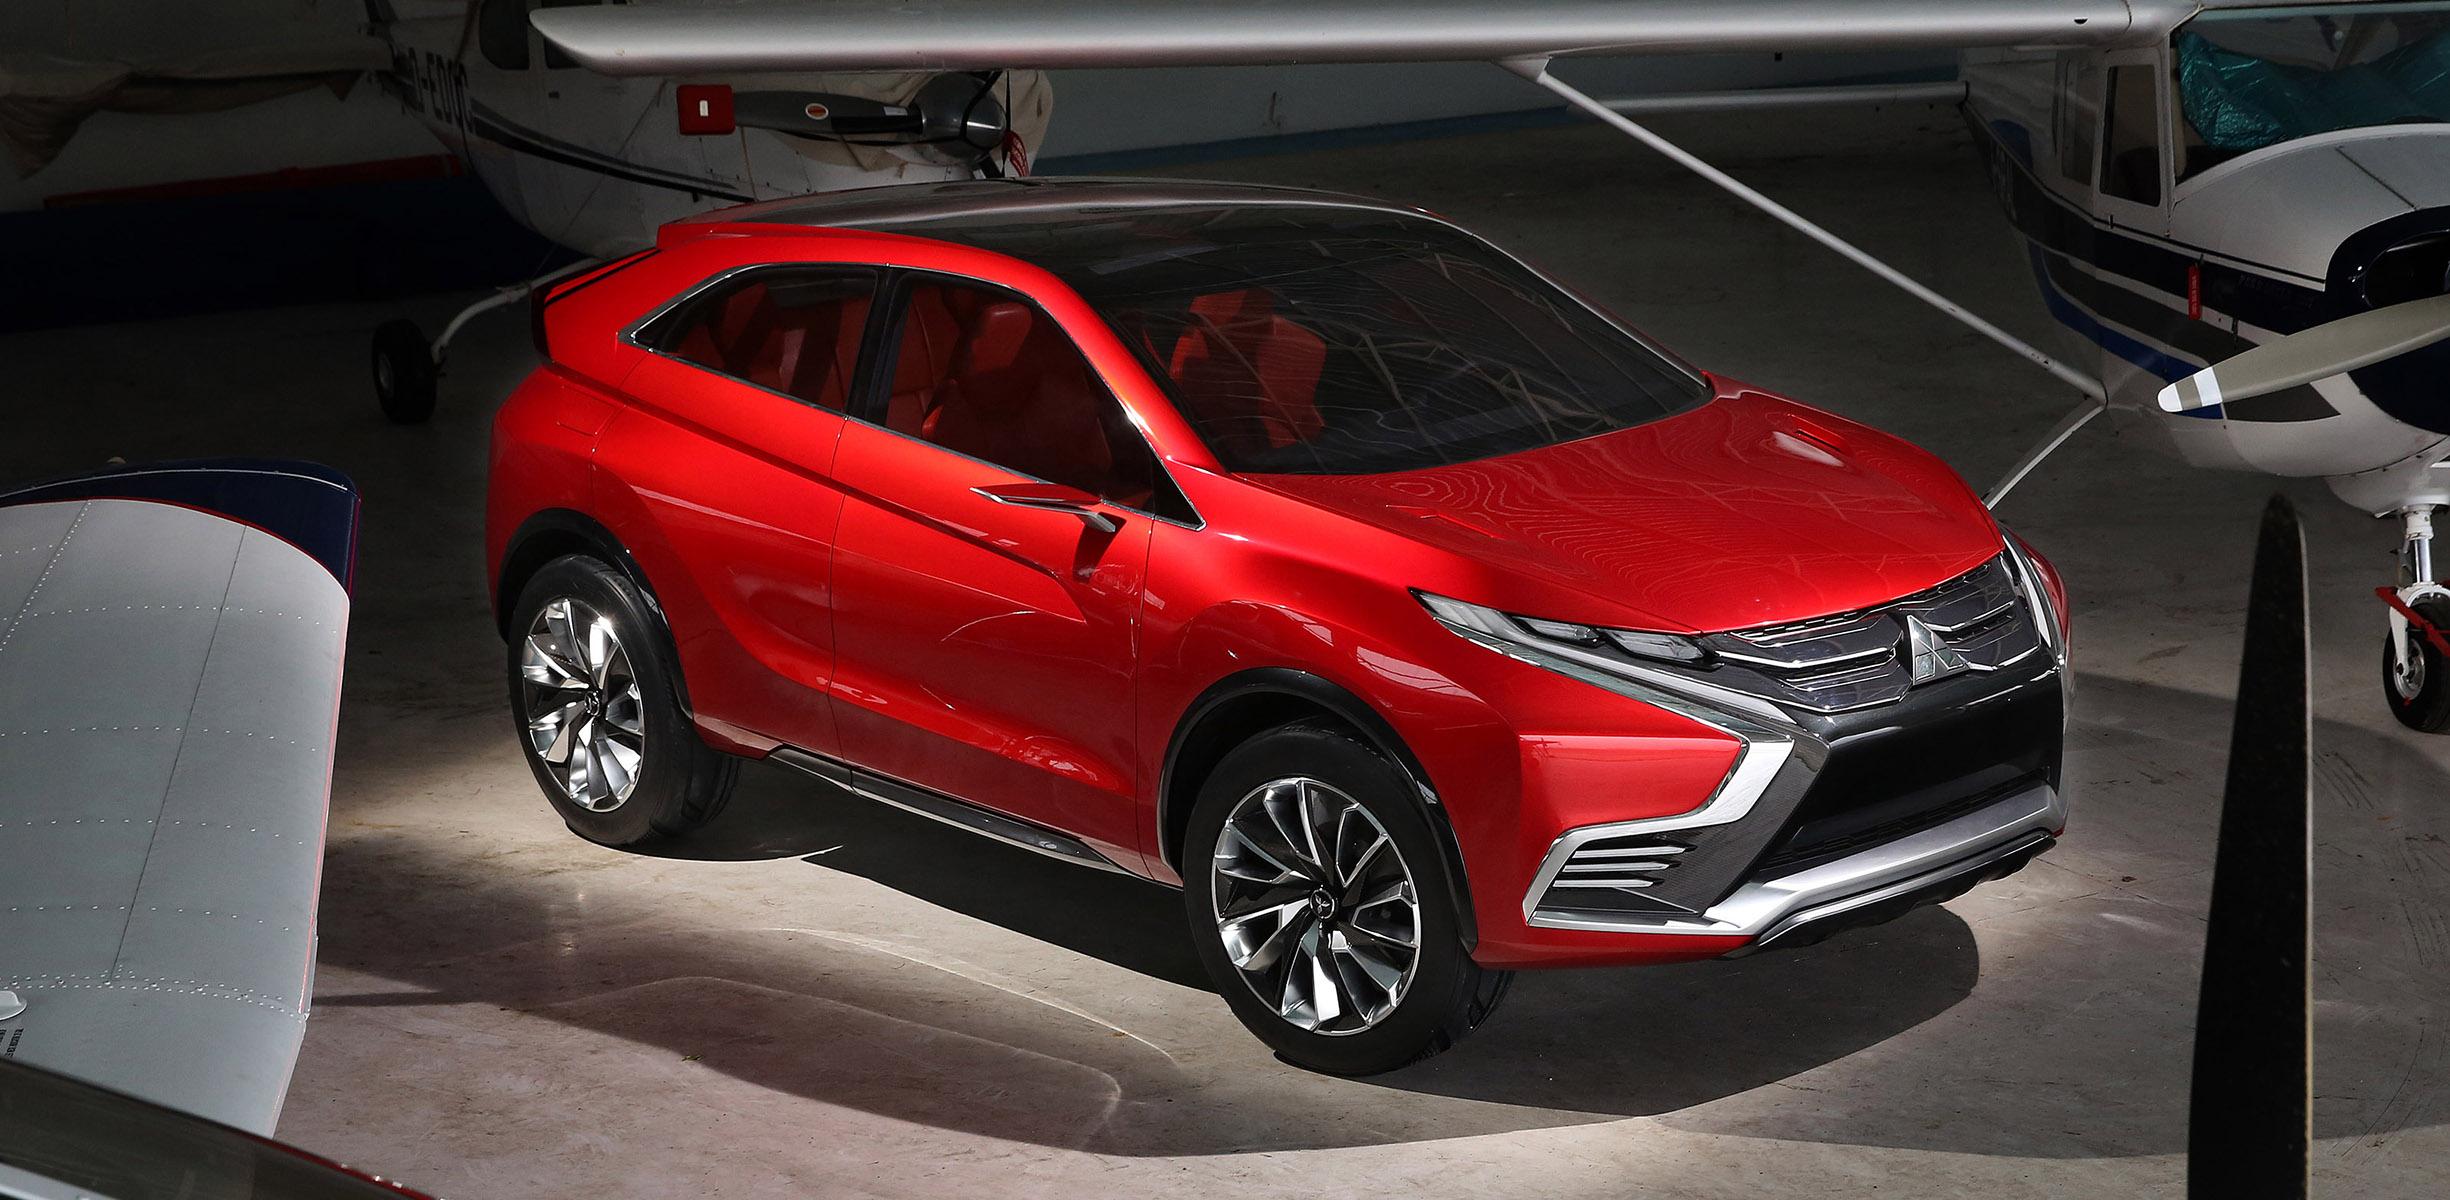 Mitsubishi confirms brand-new premium SUV model line for ...